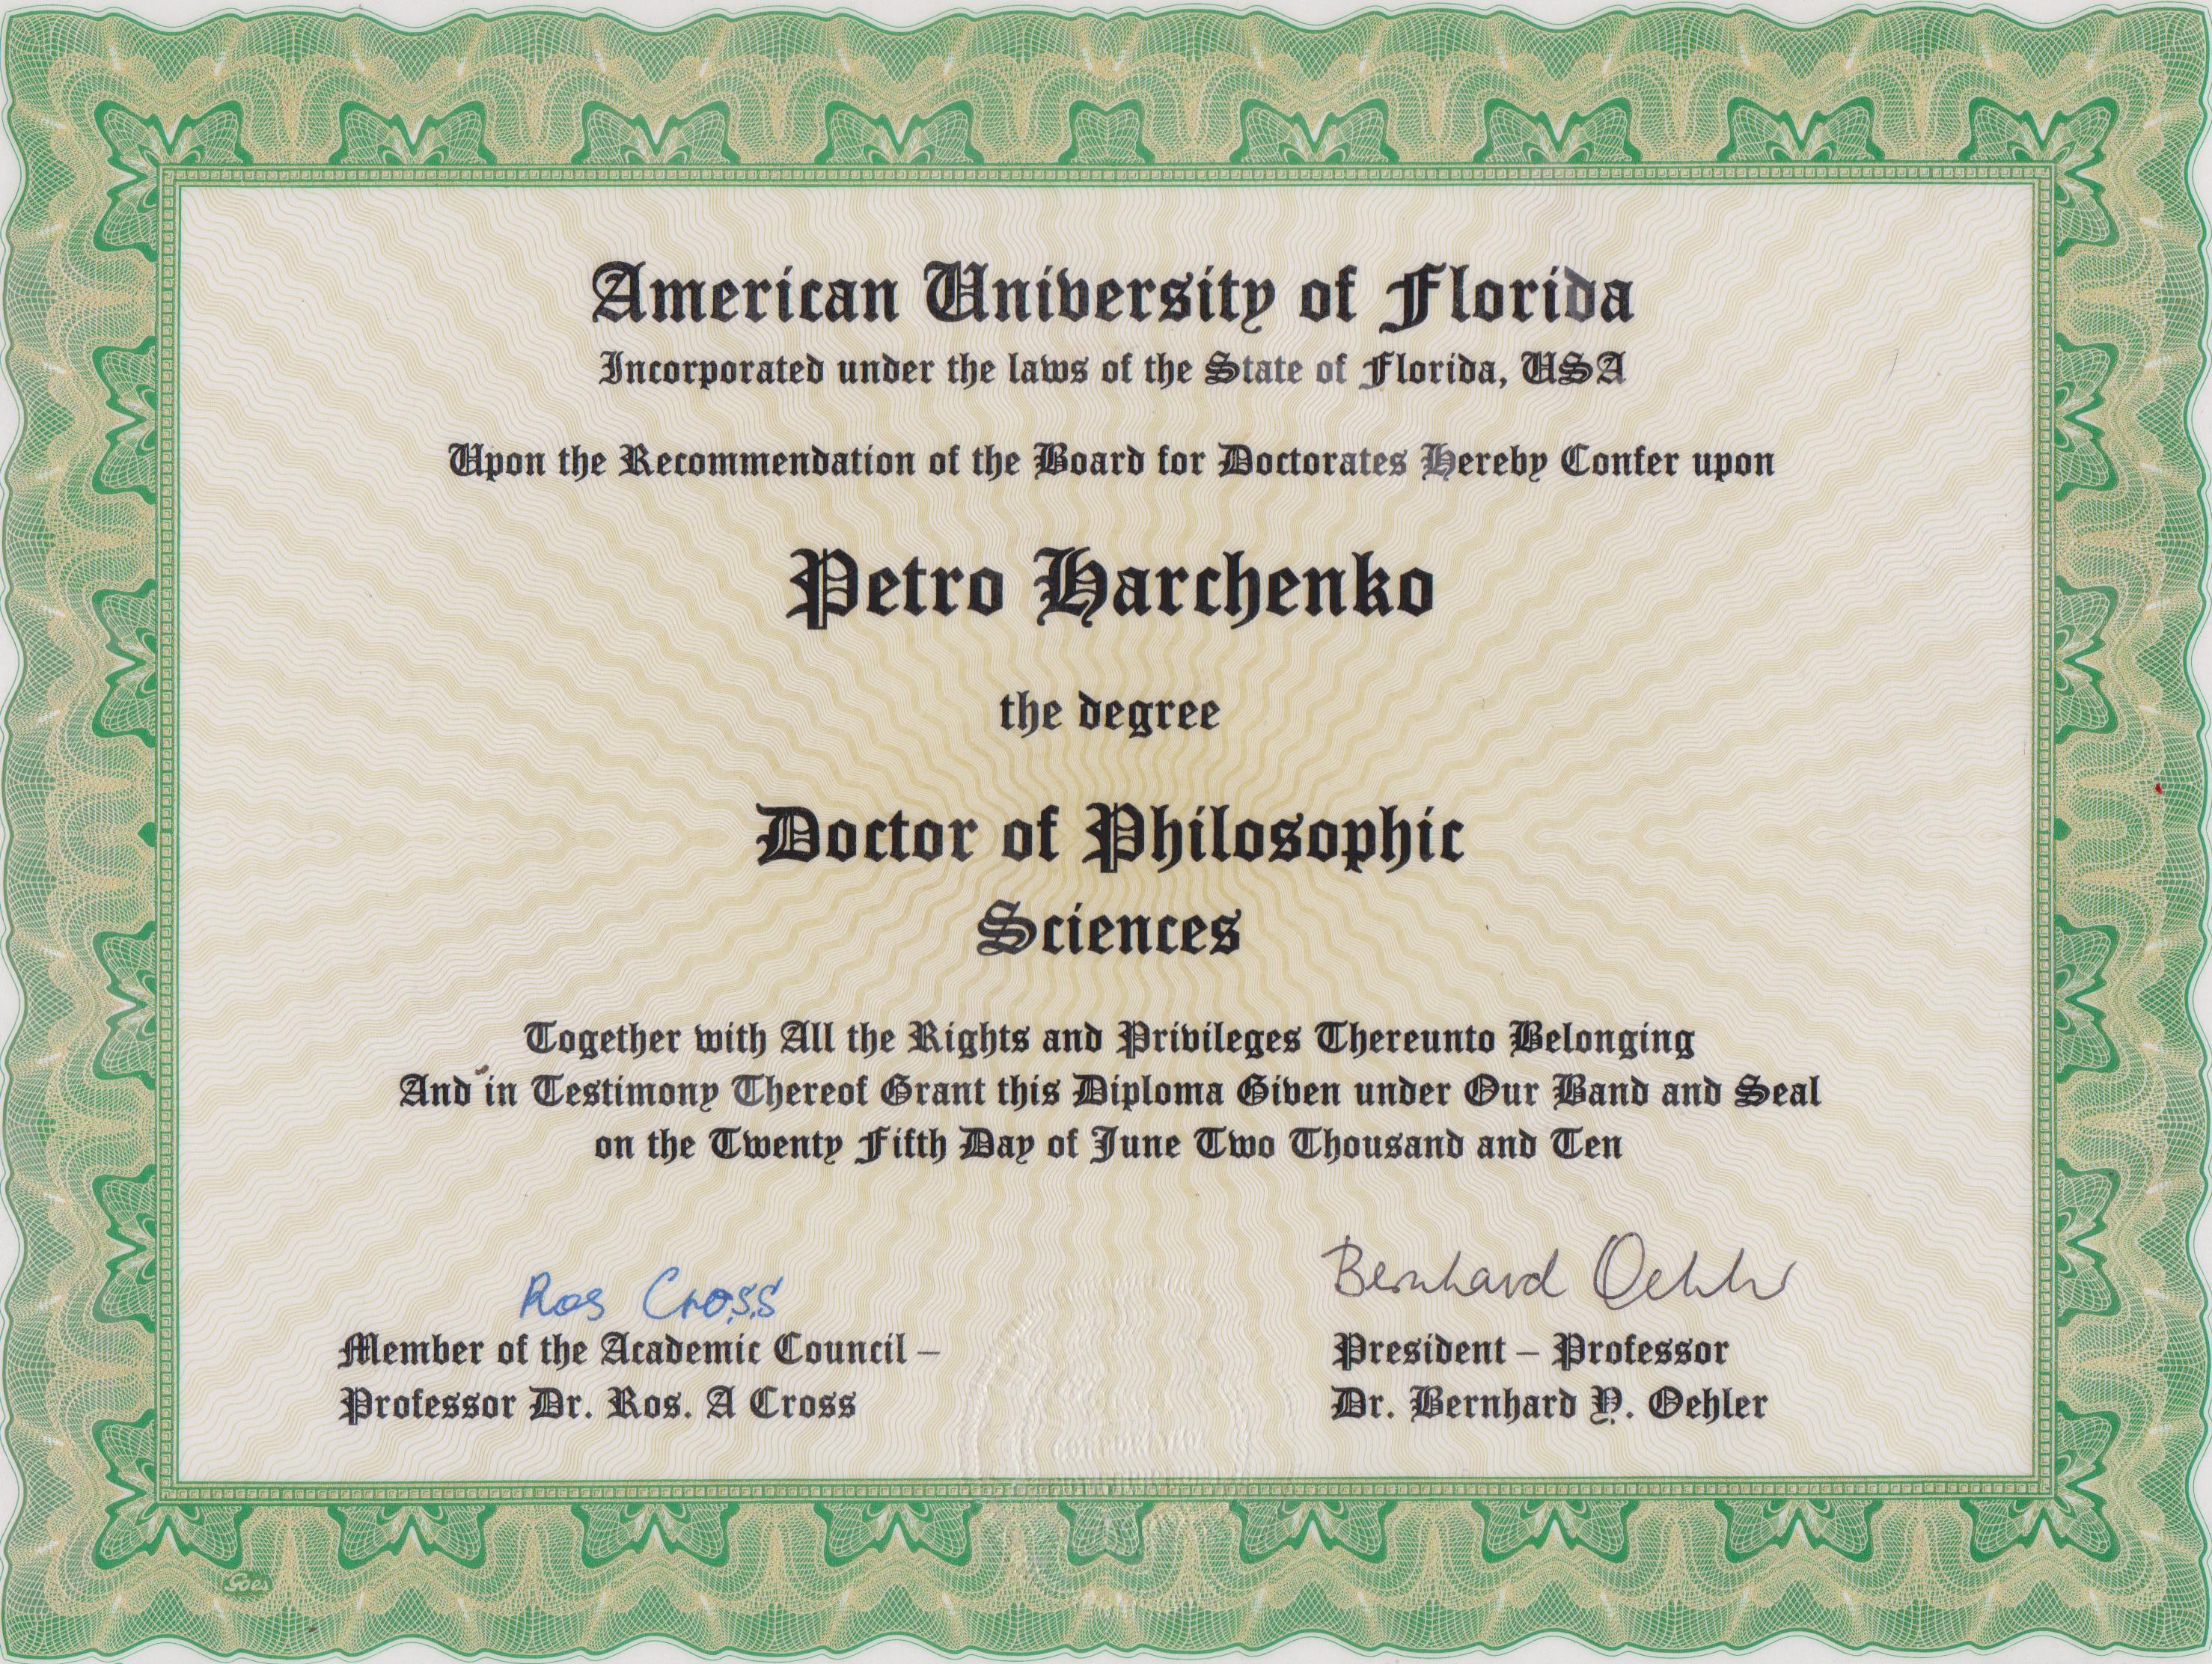 file Диплом доктора філософії Петра Харченка jpg  file Диплом доктора філософії Петра Харченка jpg